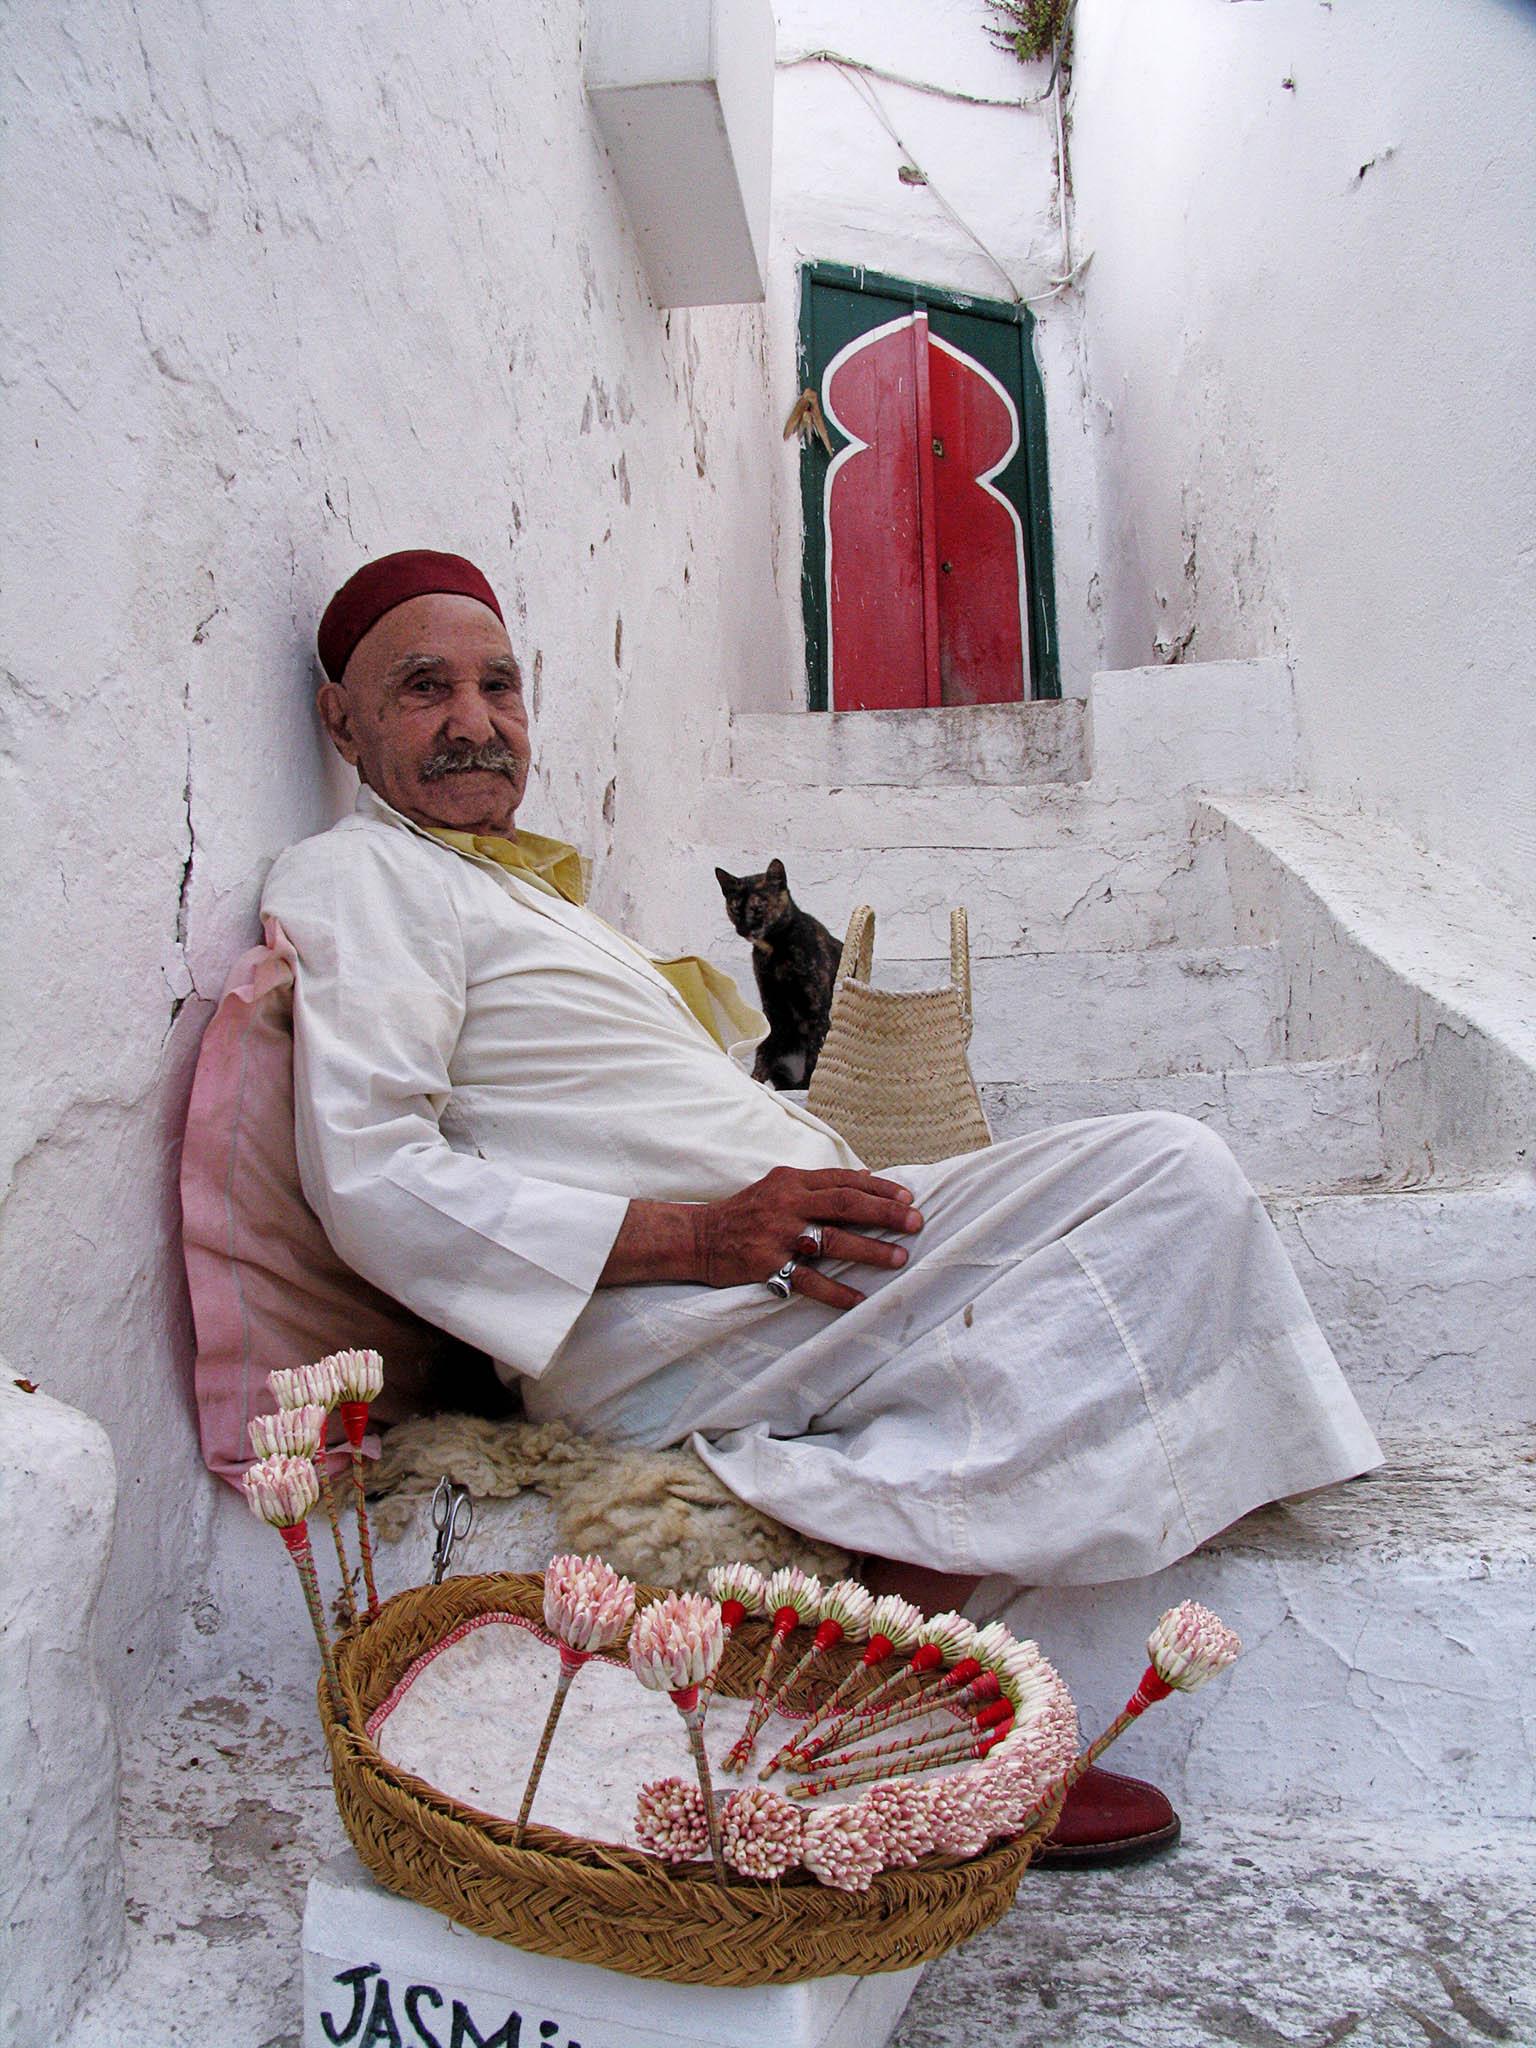 Melinda Isachsen JANIS Photography & Fine Art jasmine seller Tunis Tunisia